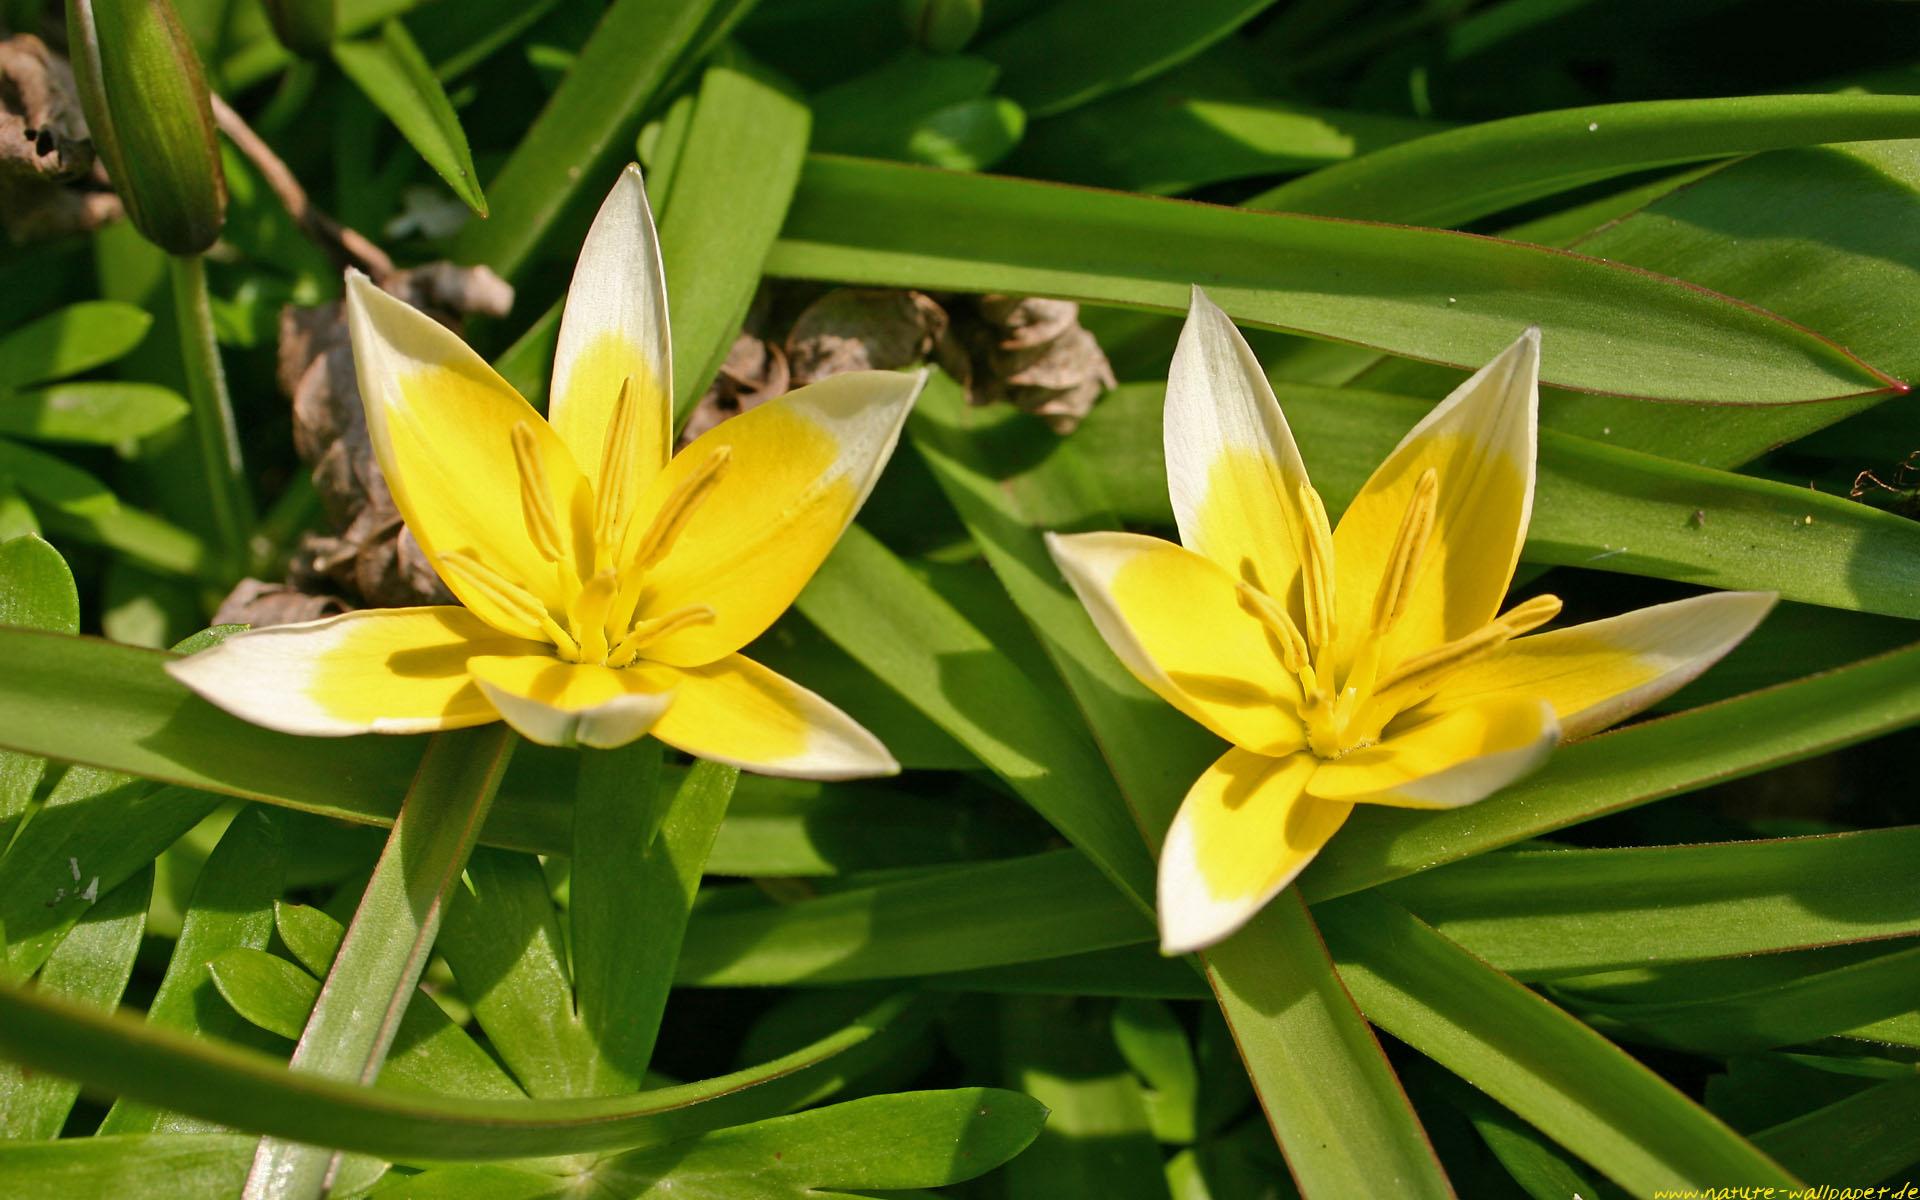 pflanzen bl ten blumen b ume heilpflanzen bl ten tulpe wassertropfen. Black Bedroom Furniture Sets. Home Design Ideas